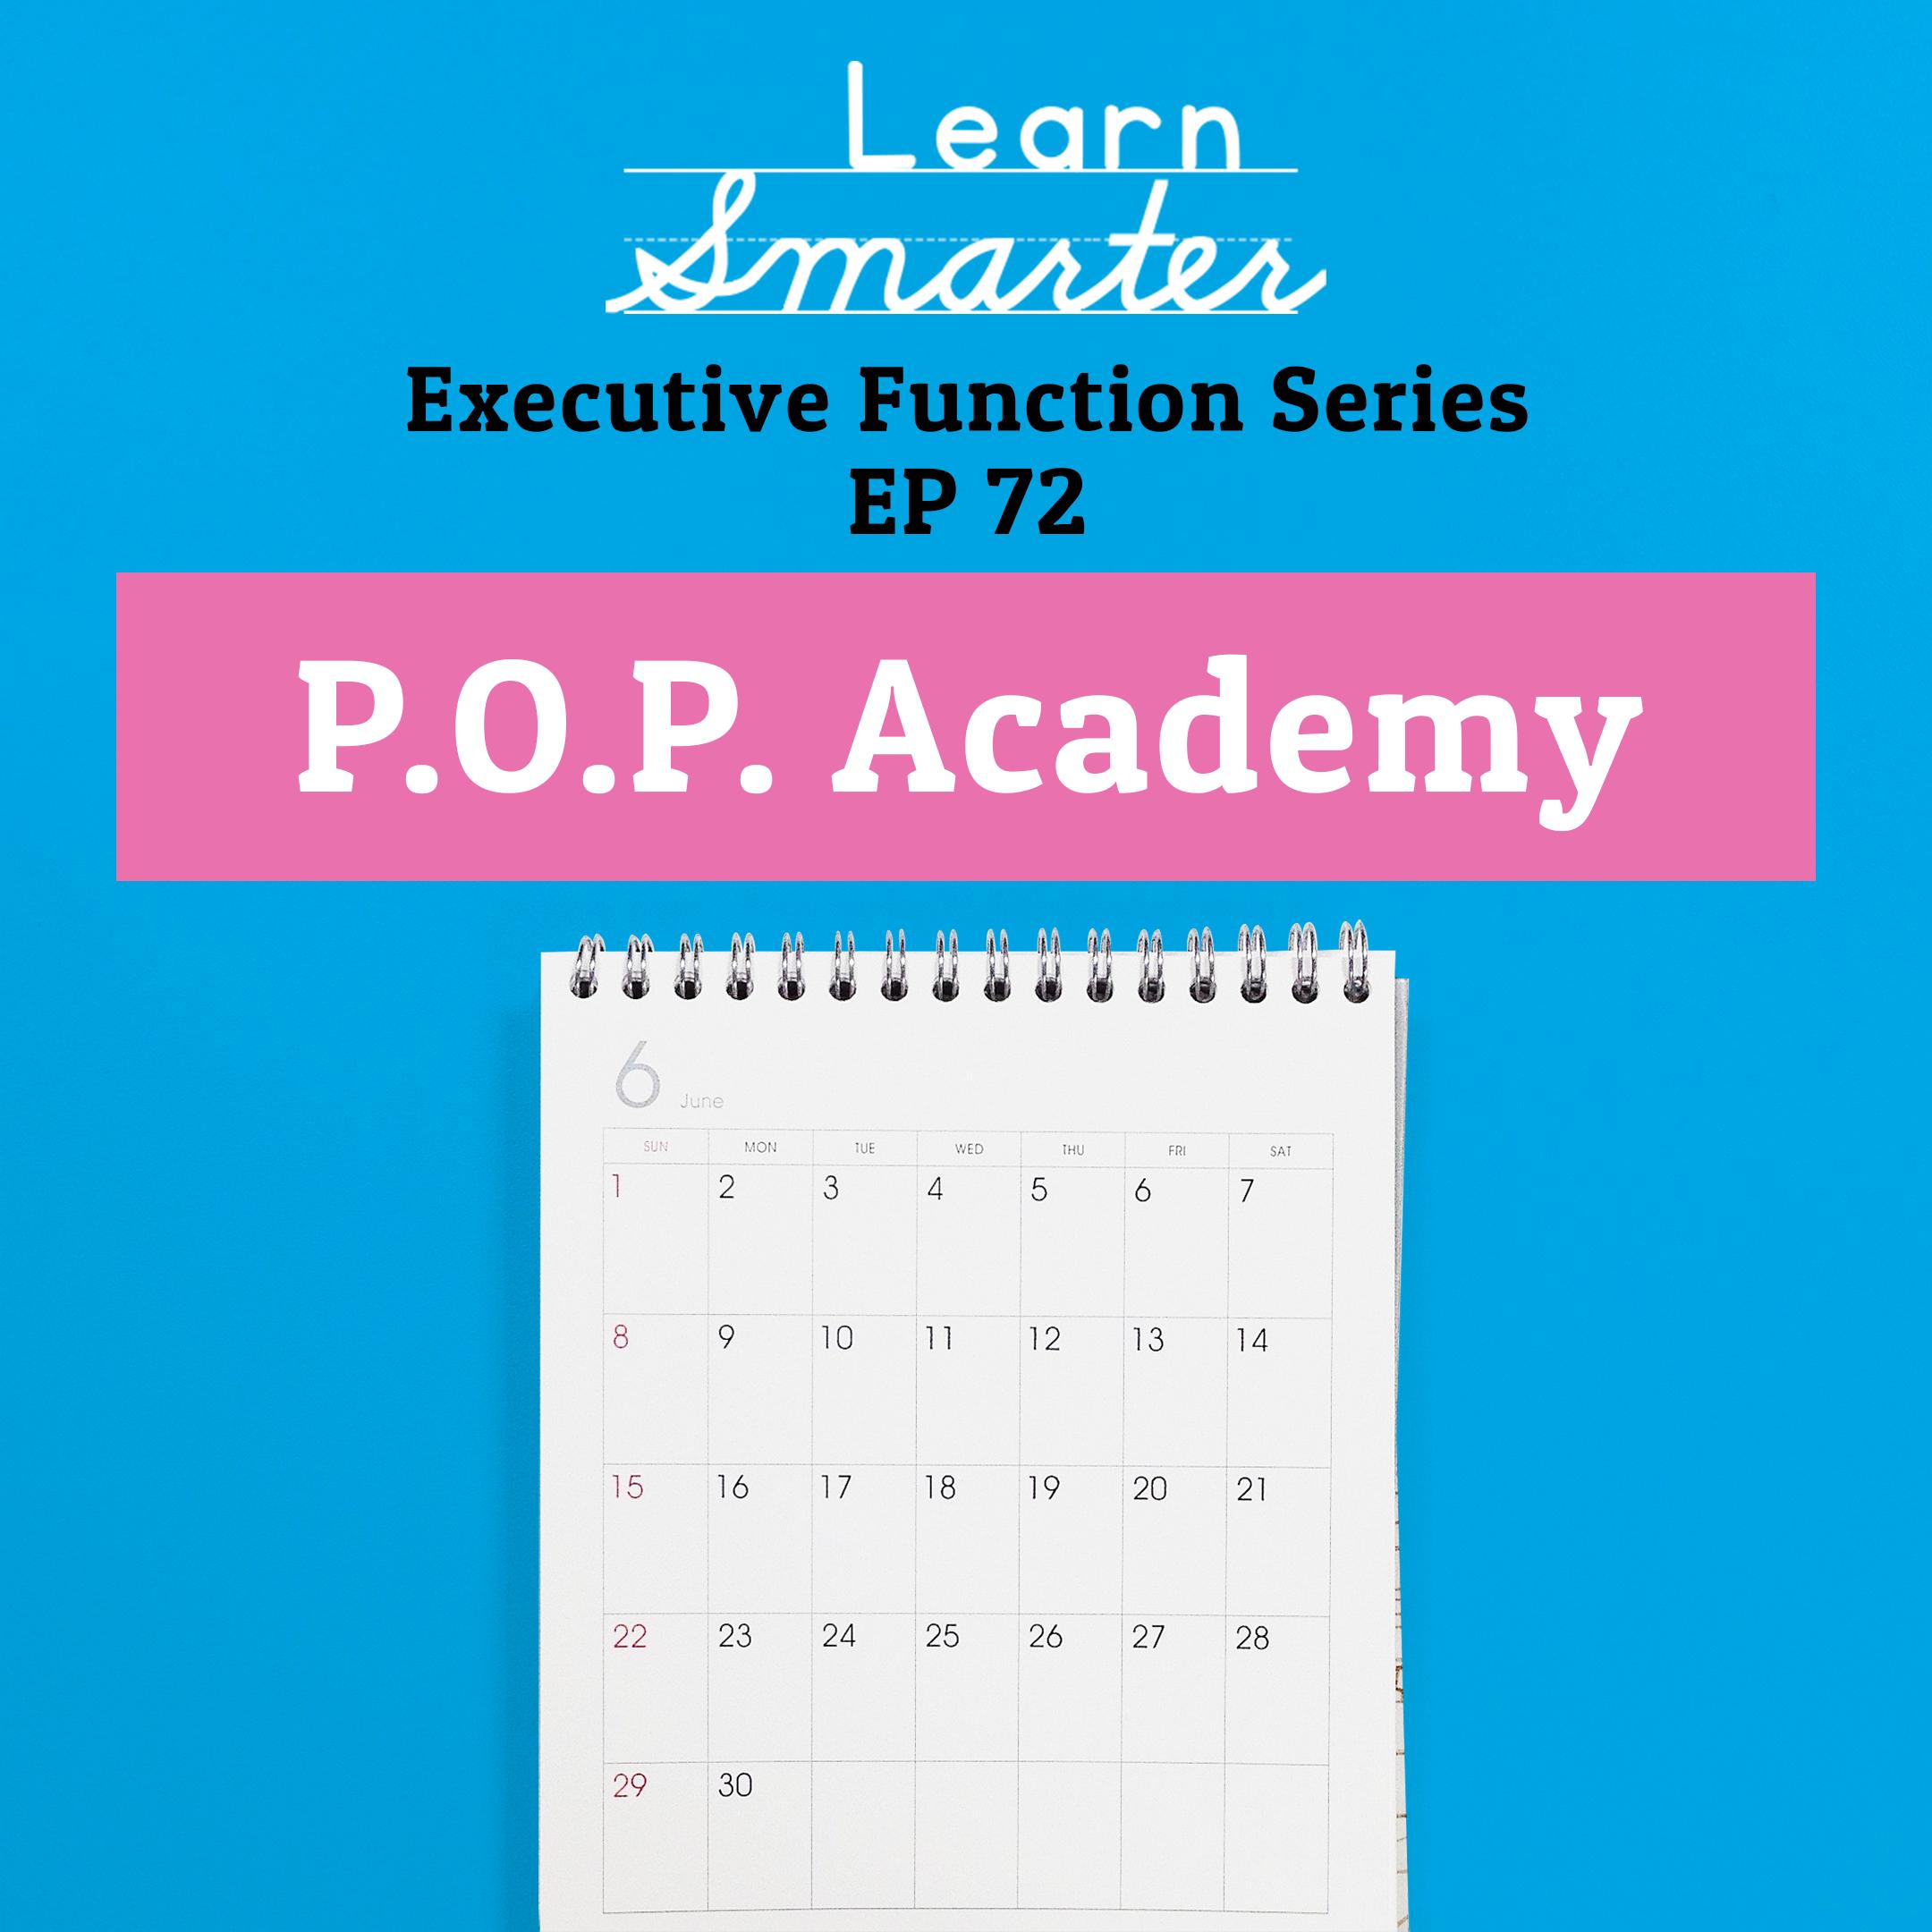 72: P.O.P. Academy (Executive Function Series)